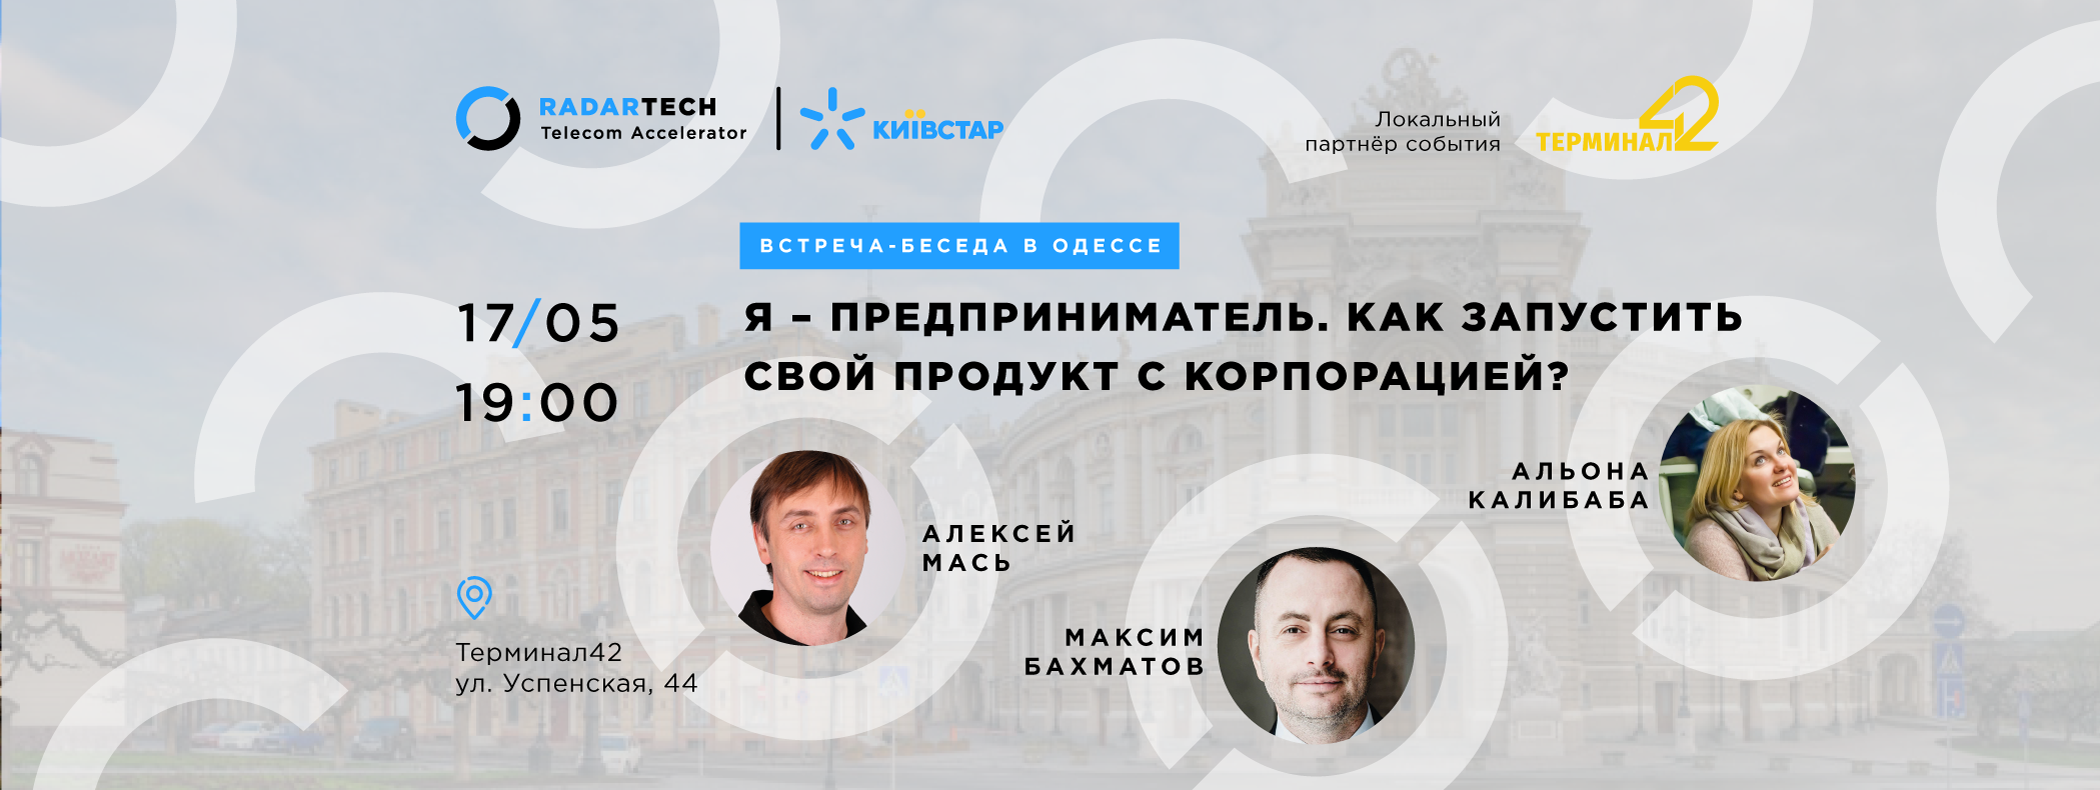 17 мая, Одесса. Я - предприниматель. Как запустить свой продукт с корпорацией?